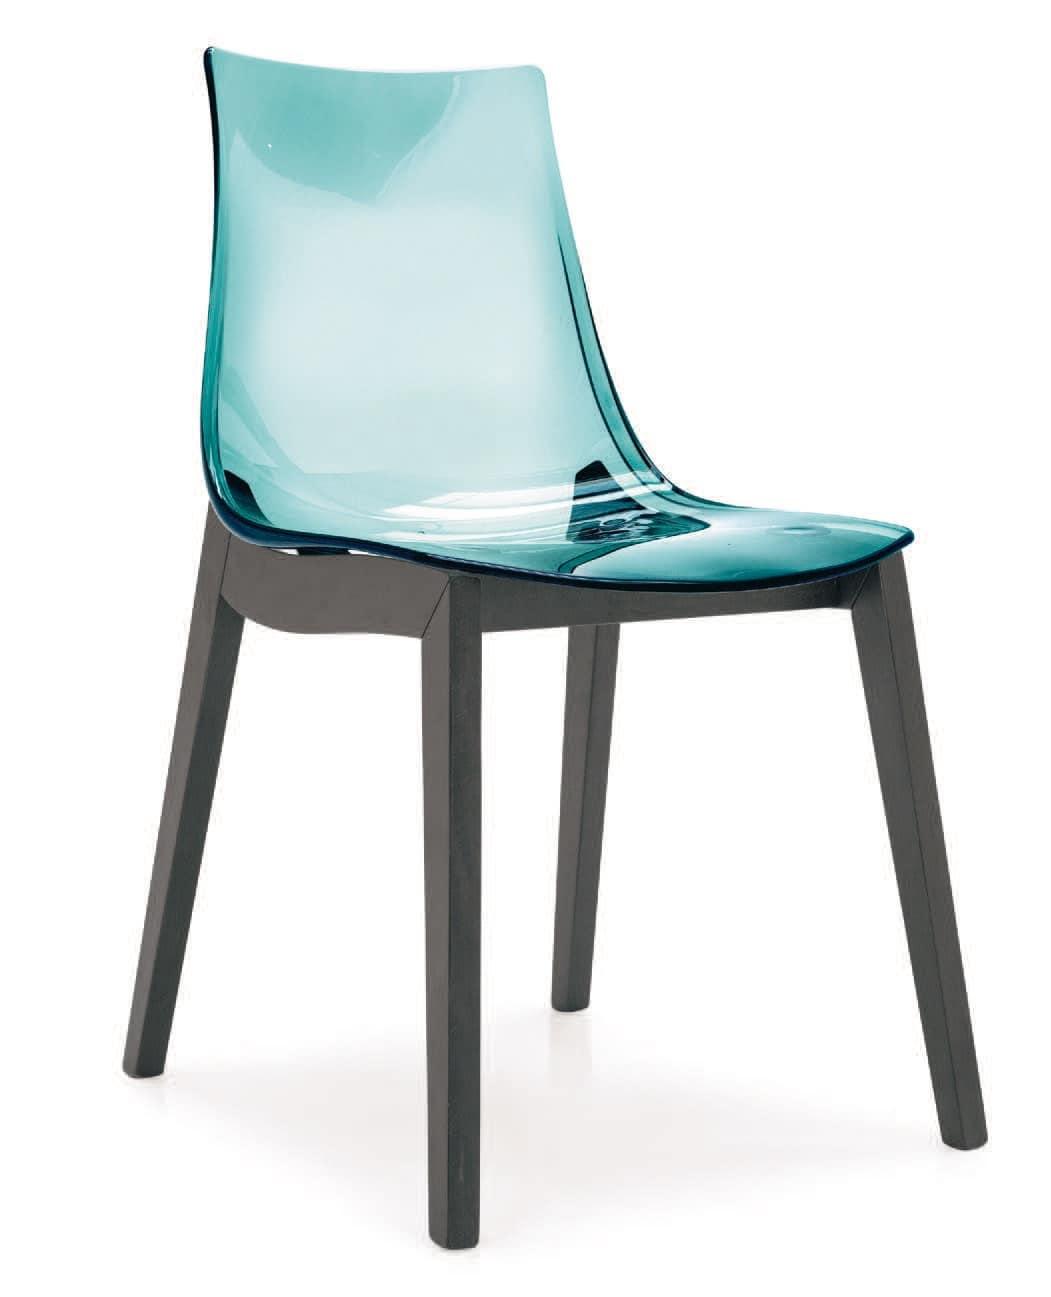 Sedia in policarbonato con gambe in faggio idfdesign for Sedie design policarbonato